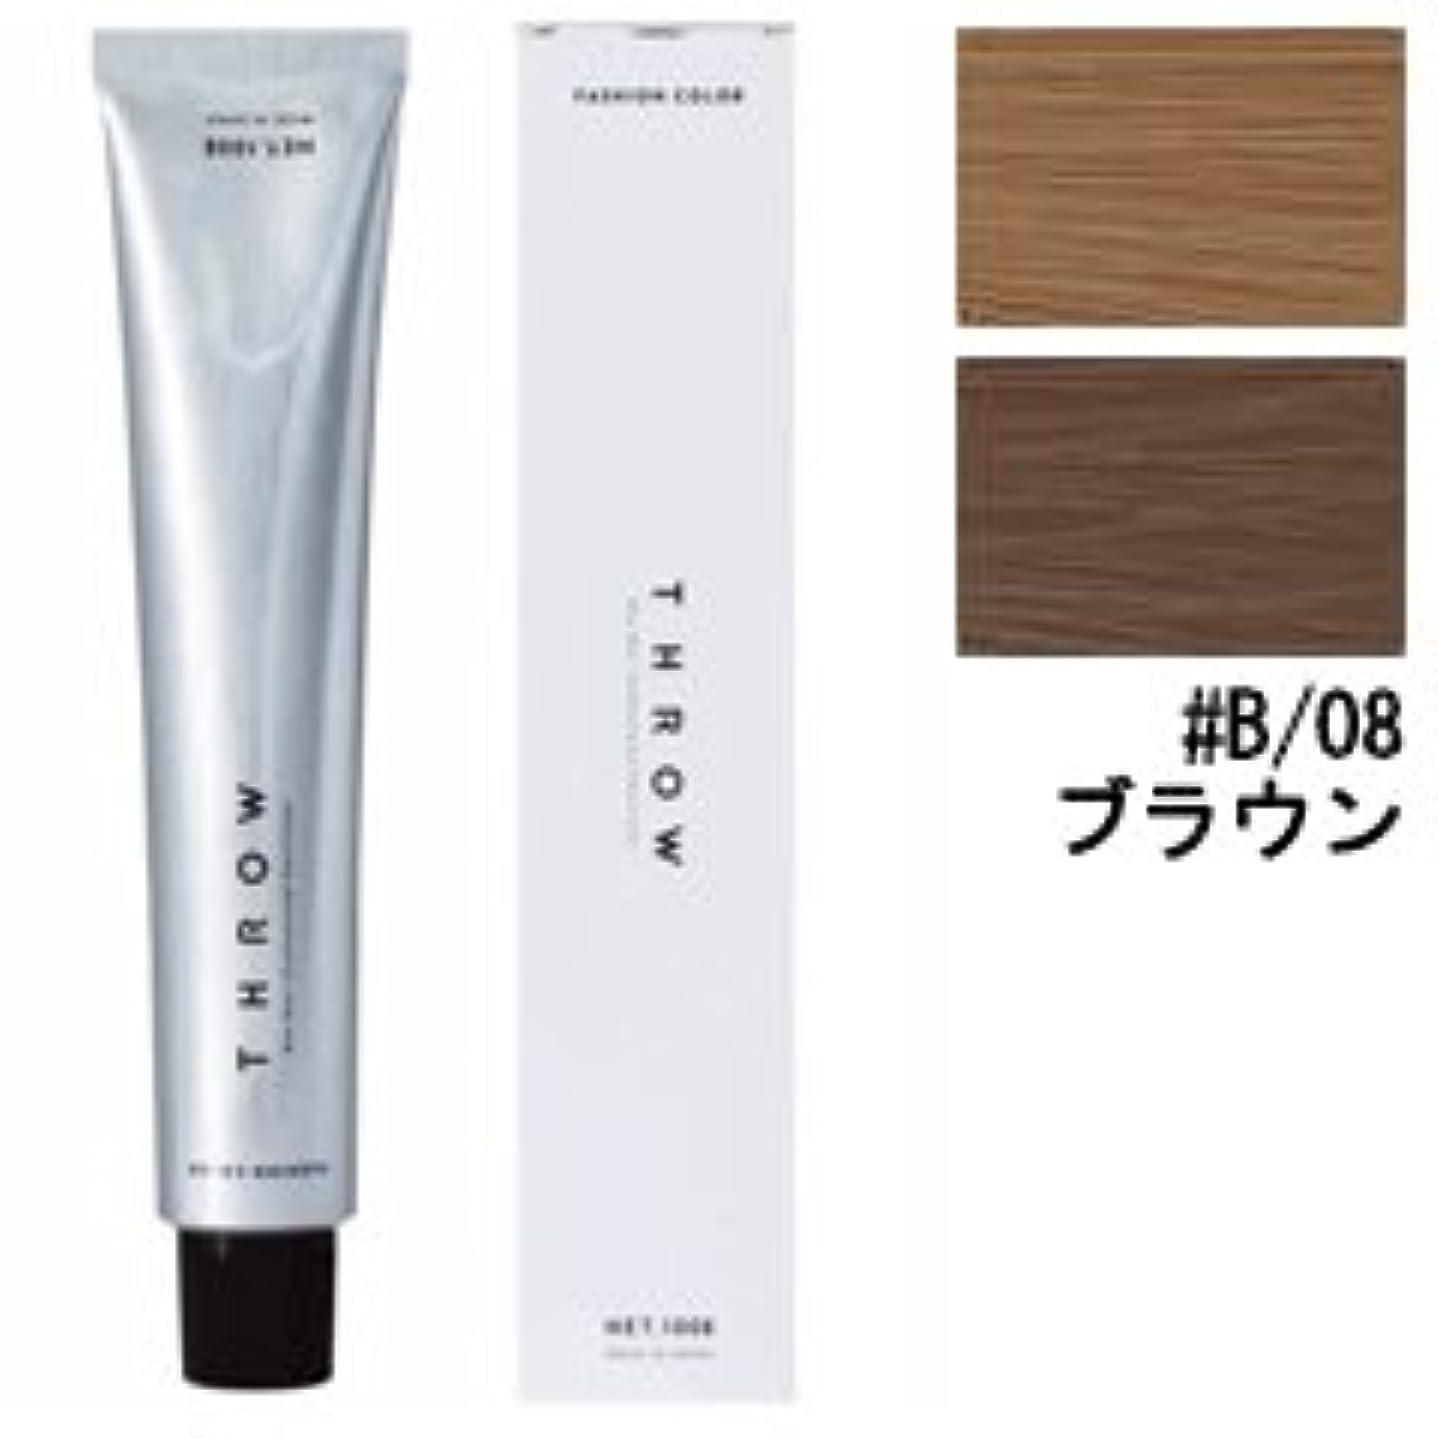 バイナリクリアアベニュー【モルトベーネ】スロウ ファッションカラー #B/08 ブラウン 100g